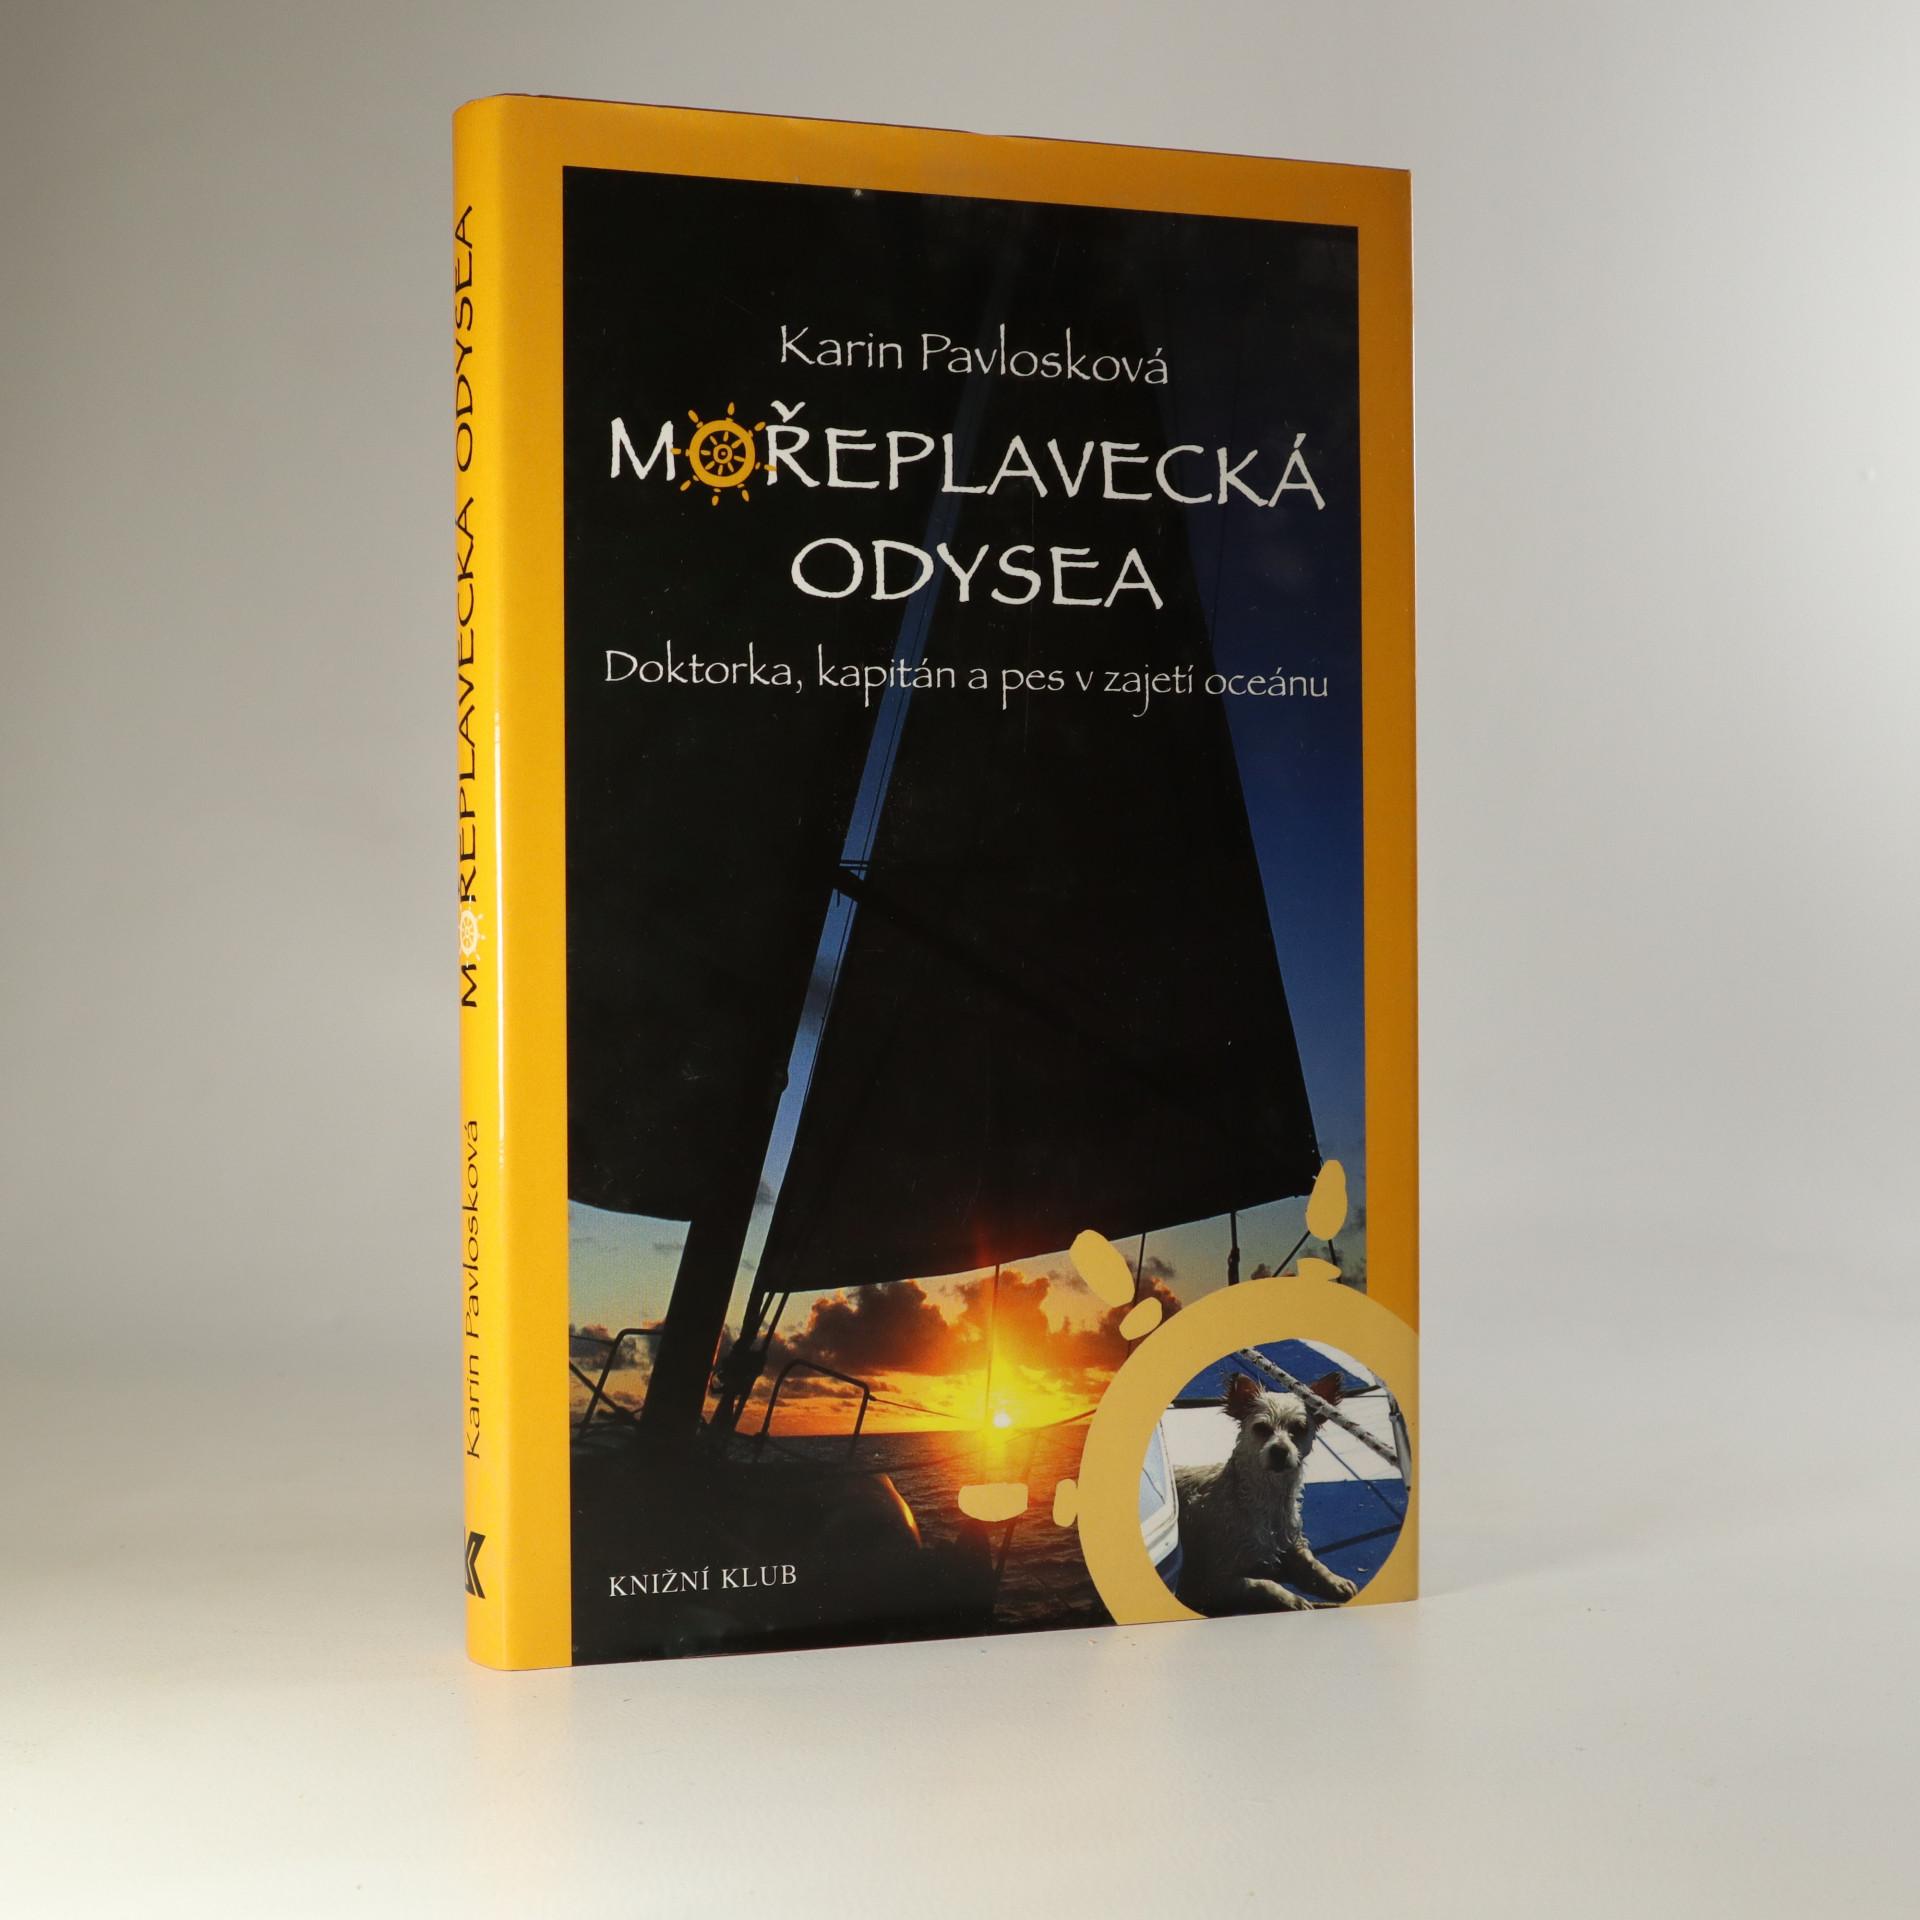 antikvární kniha Mořeplavecká odysea. Doktorka, kapitán a pes v zajetí oceánu., 2005